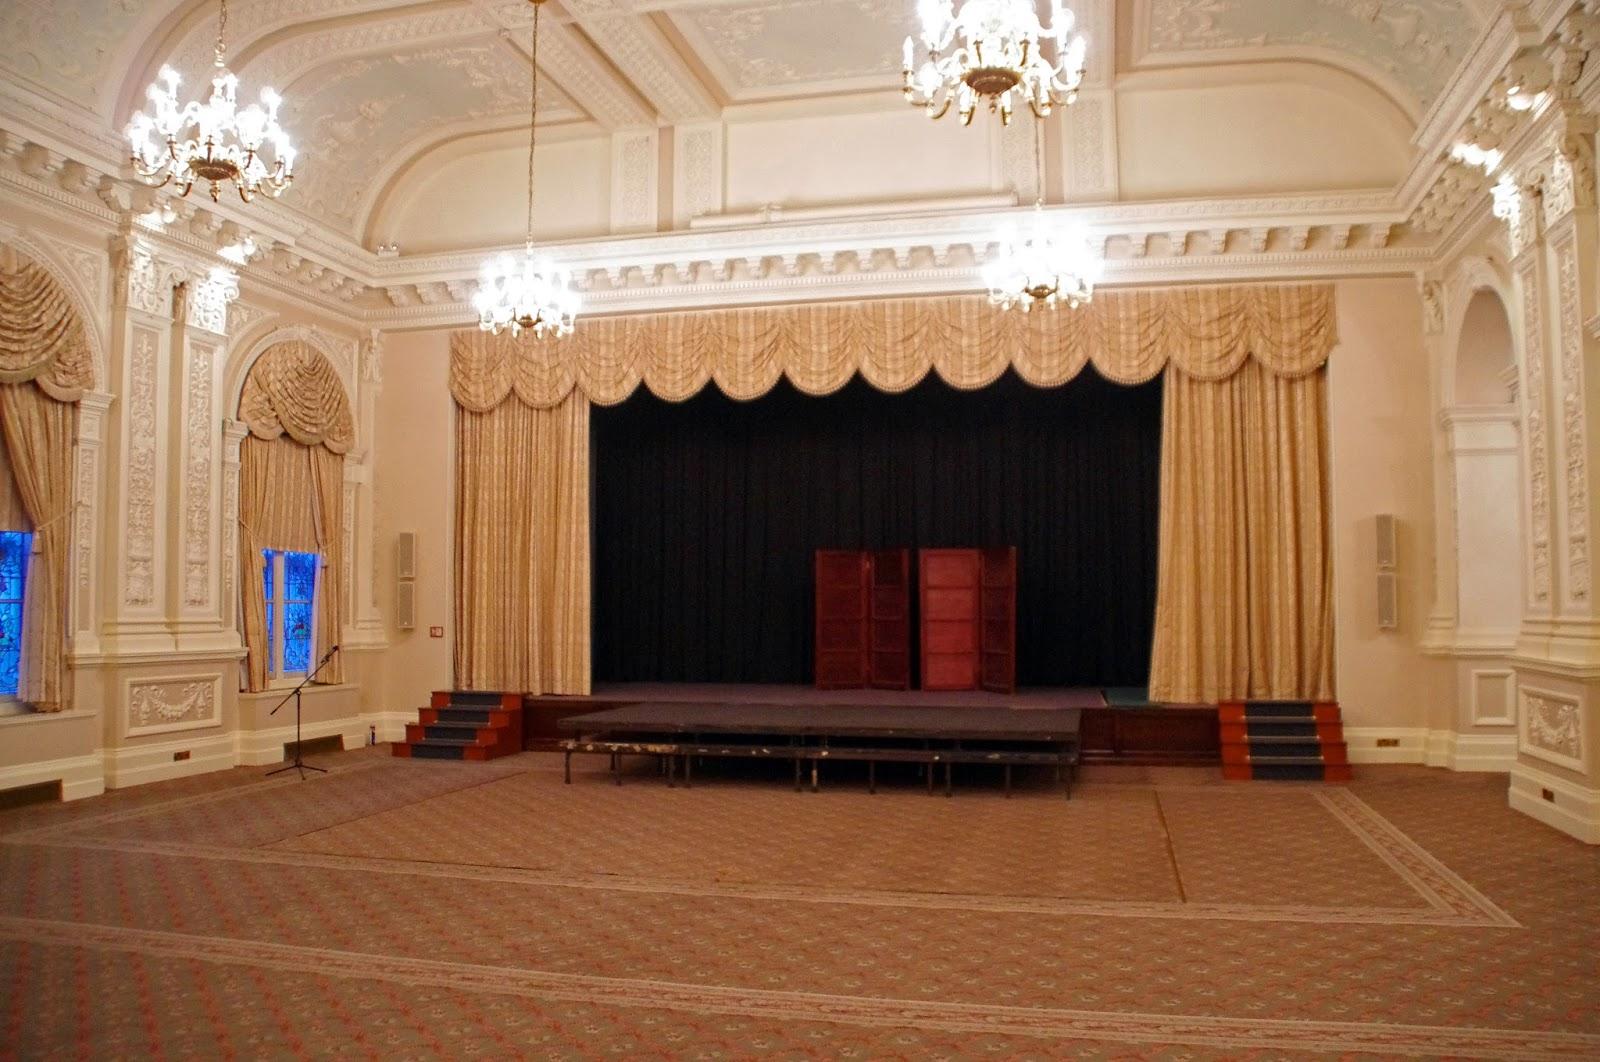 The Grand Hotel Eastbourne Ballroom